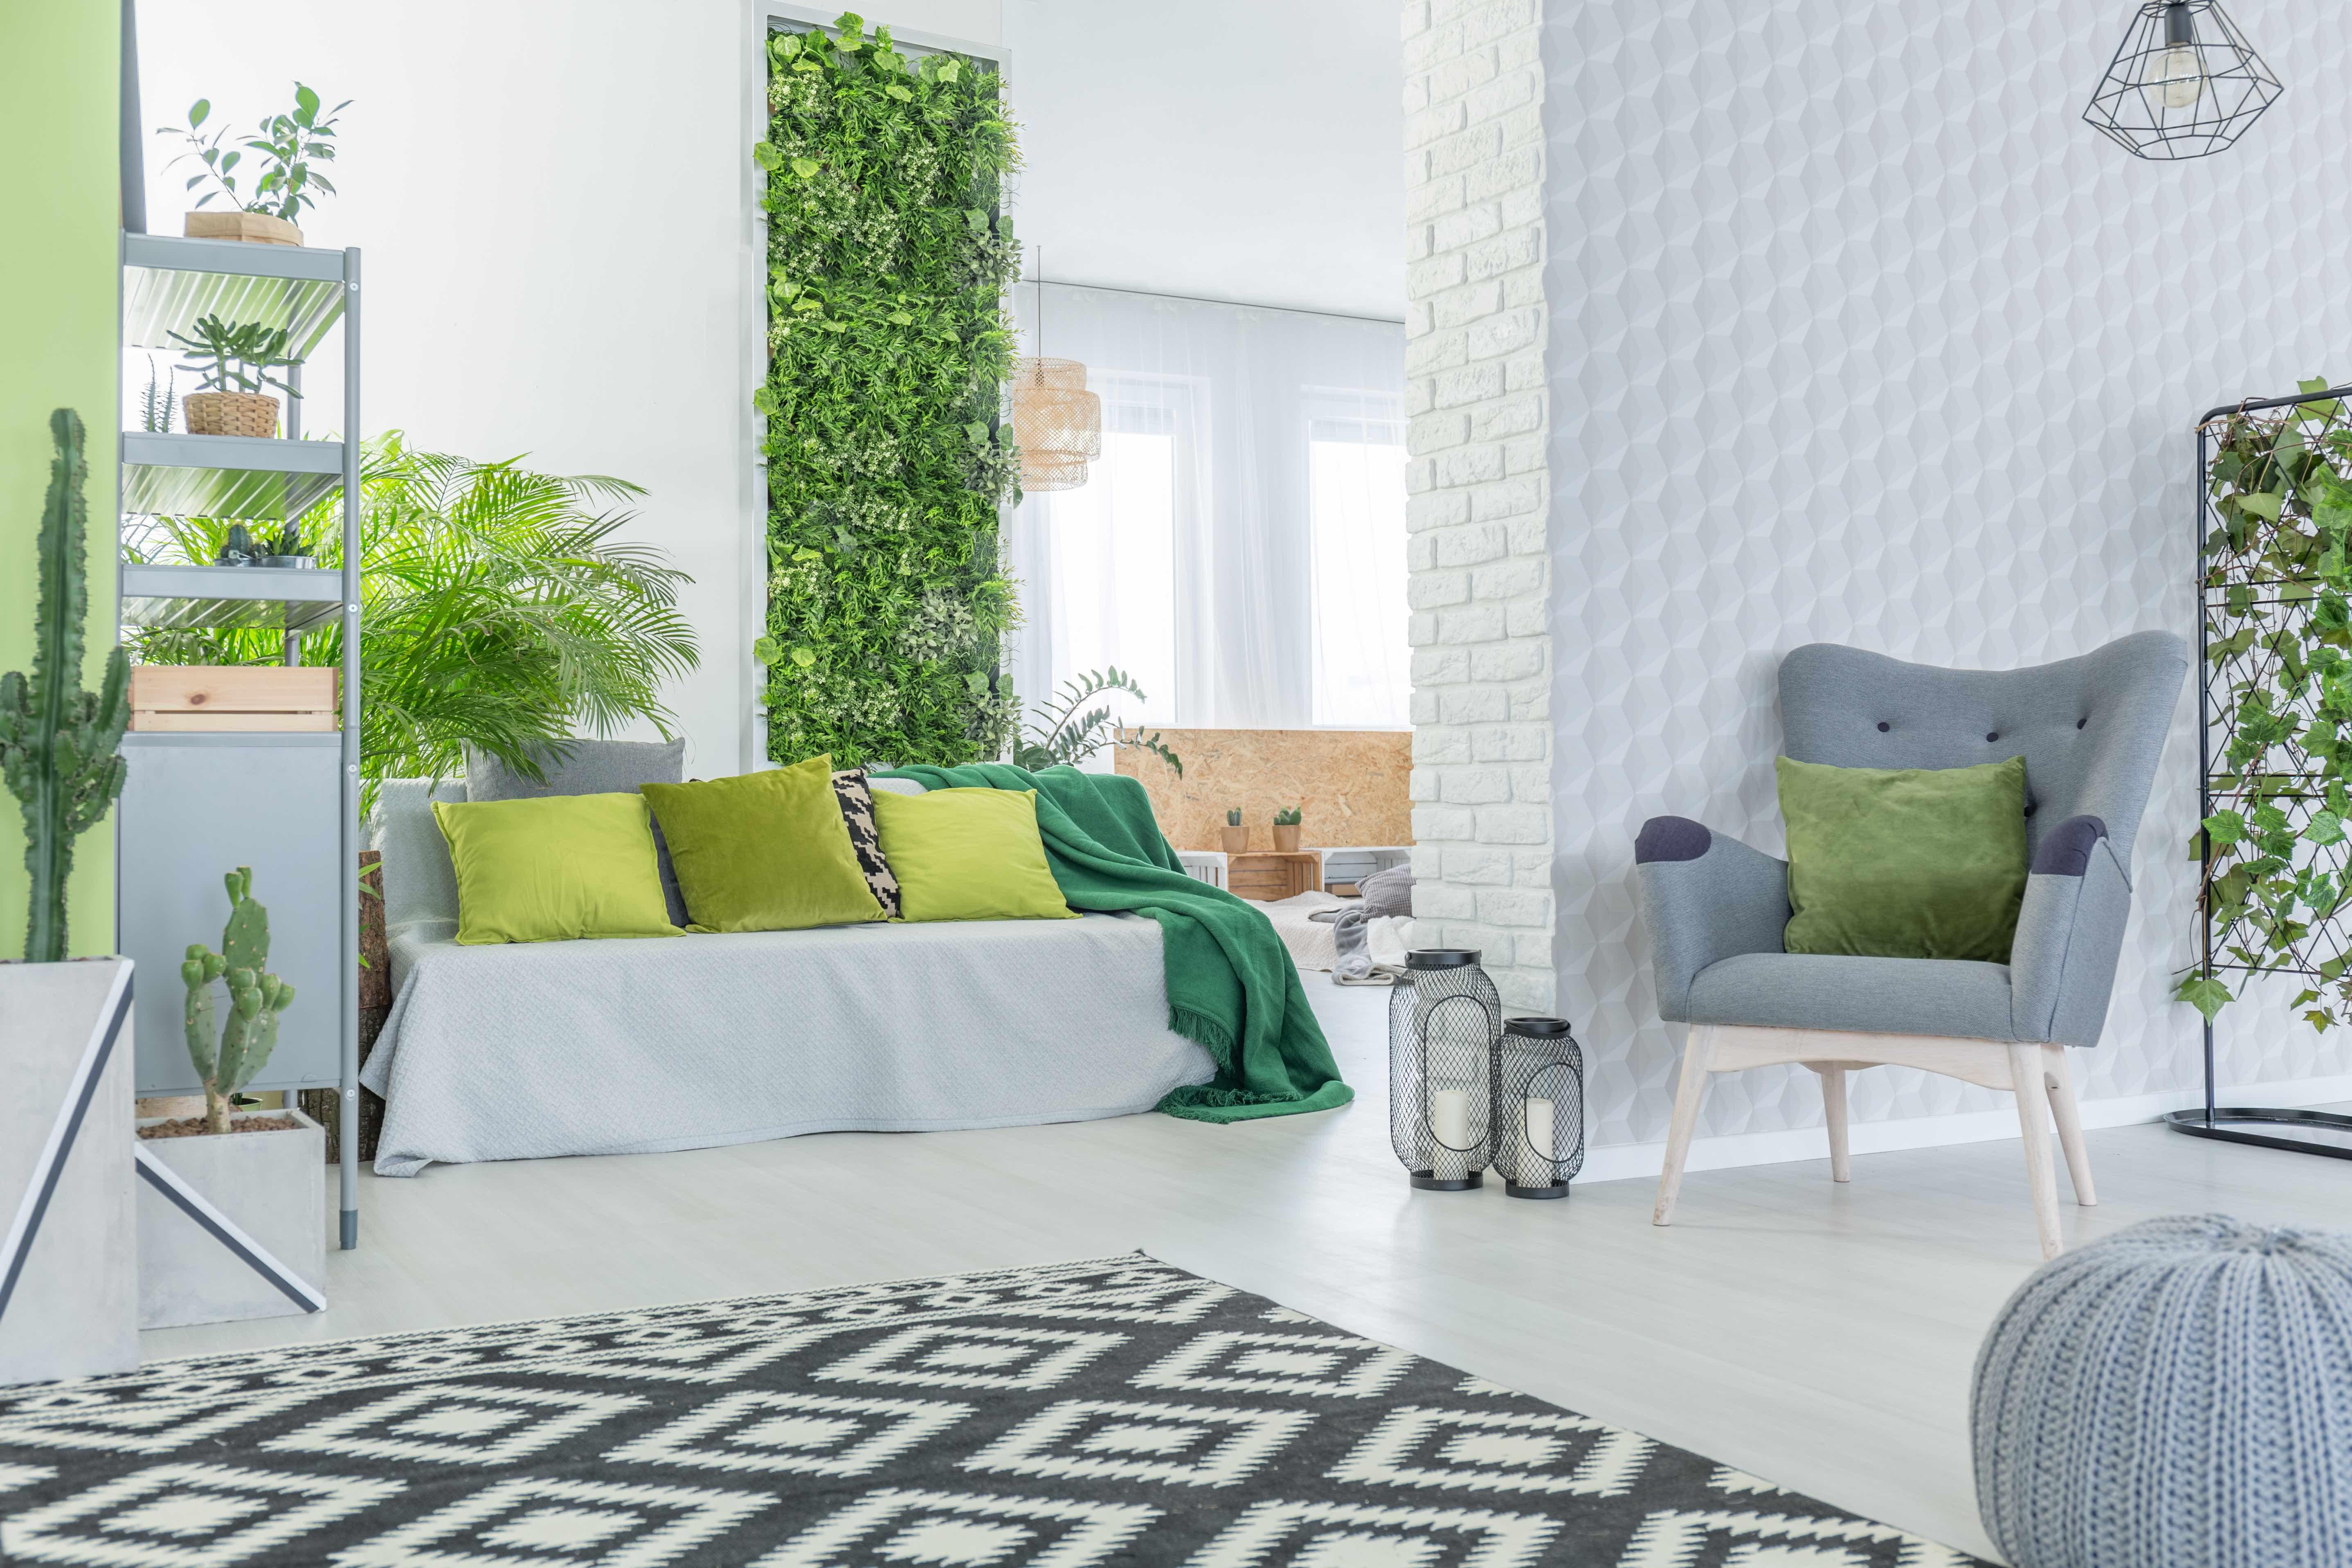 Verticale Tuin Maken : Verticale tuin zo maak je een verticale tuin binnen of buiten